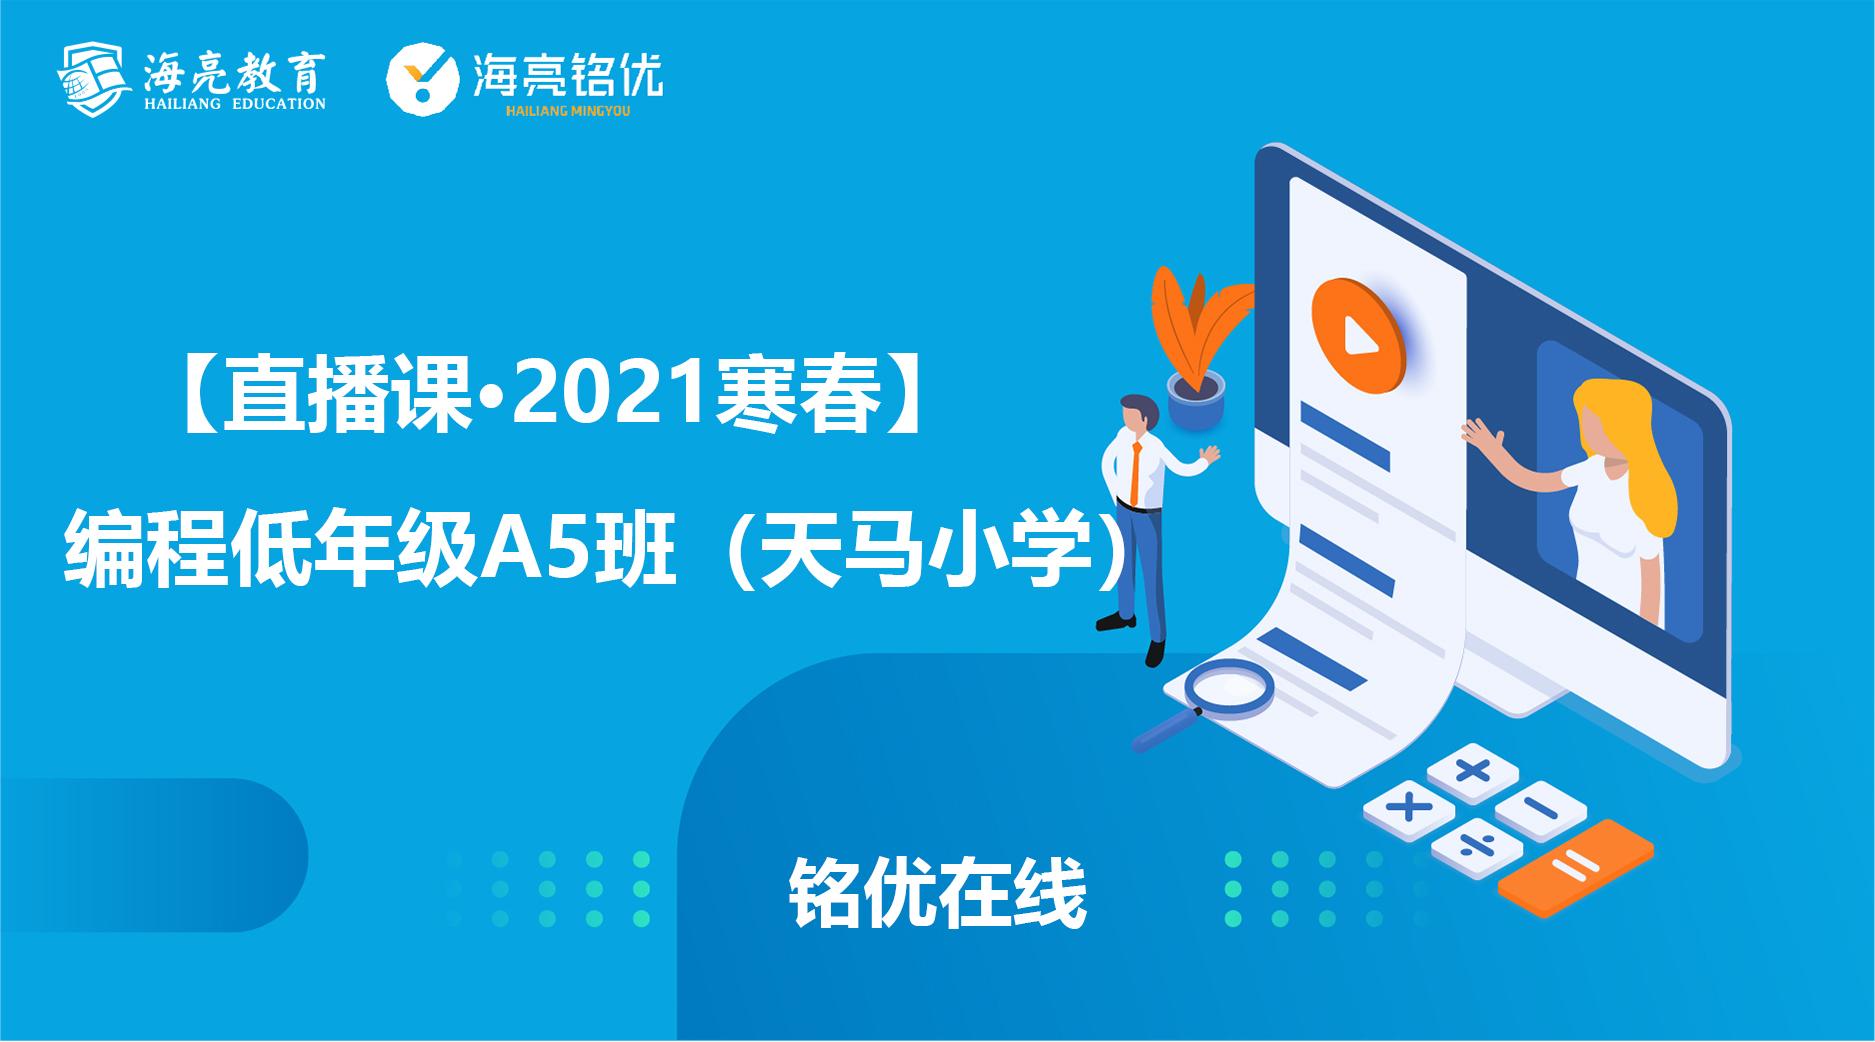 【直播课·2021寒春】编程低年级A5班(天马小学)